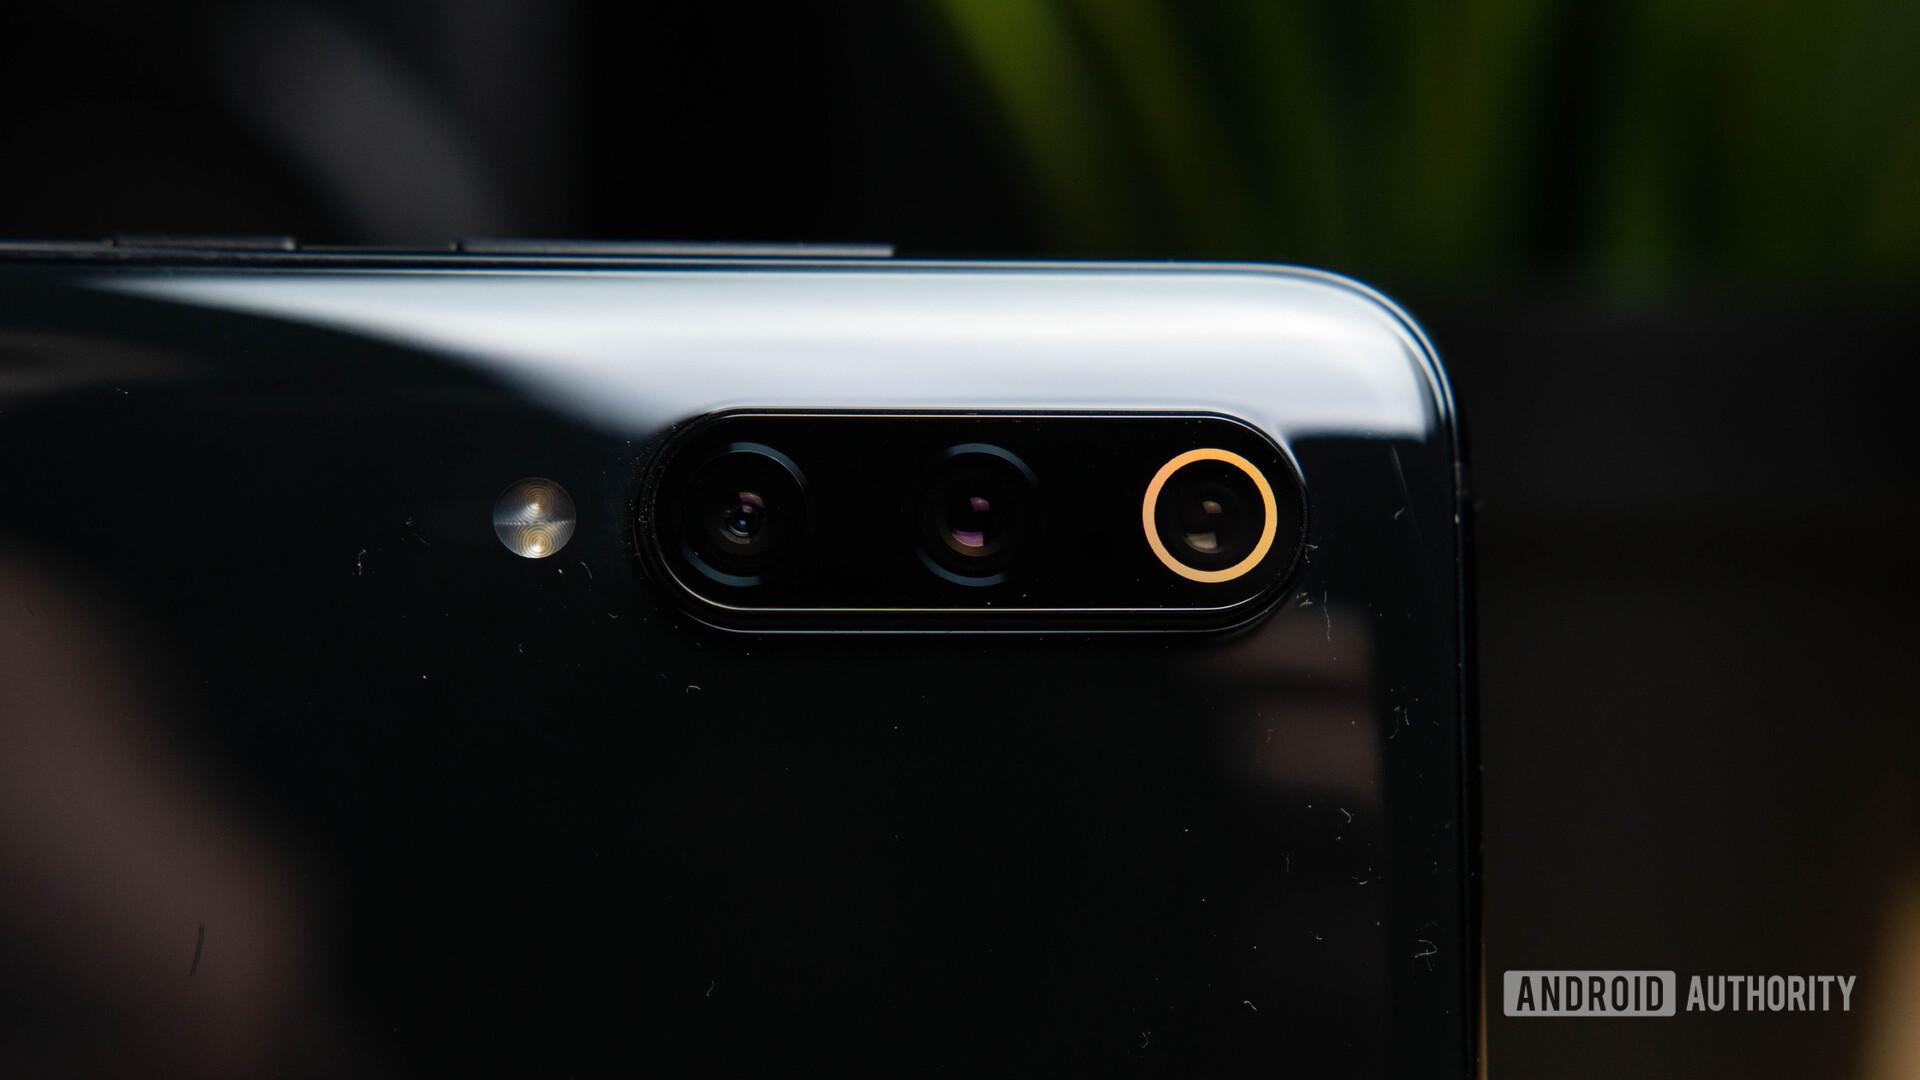 Xiaomi Mi 9 cameras on rear